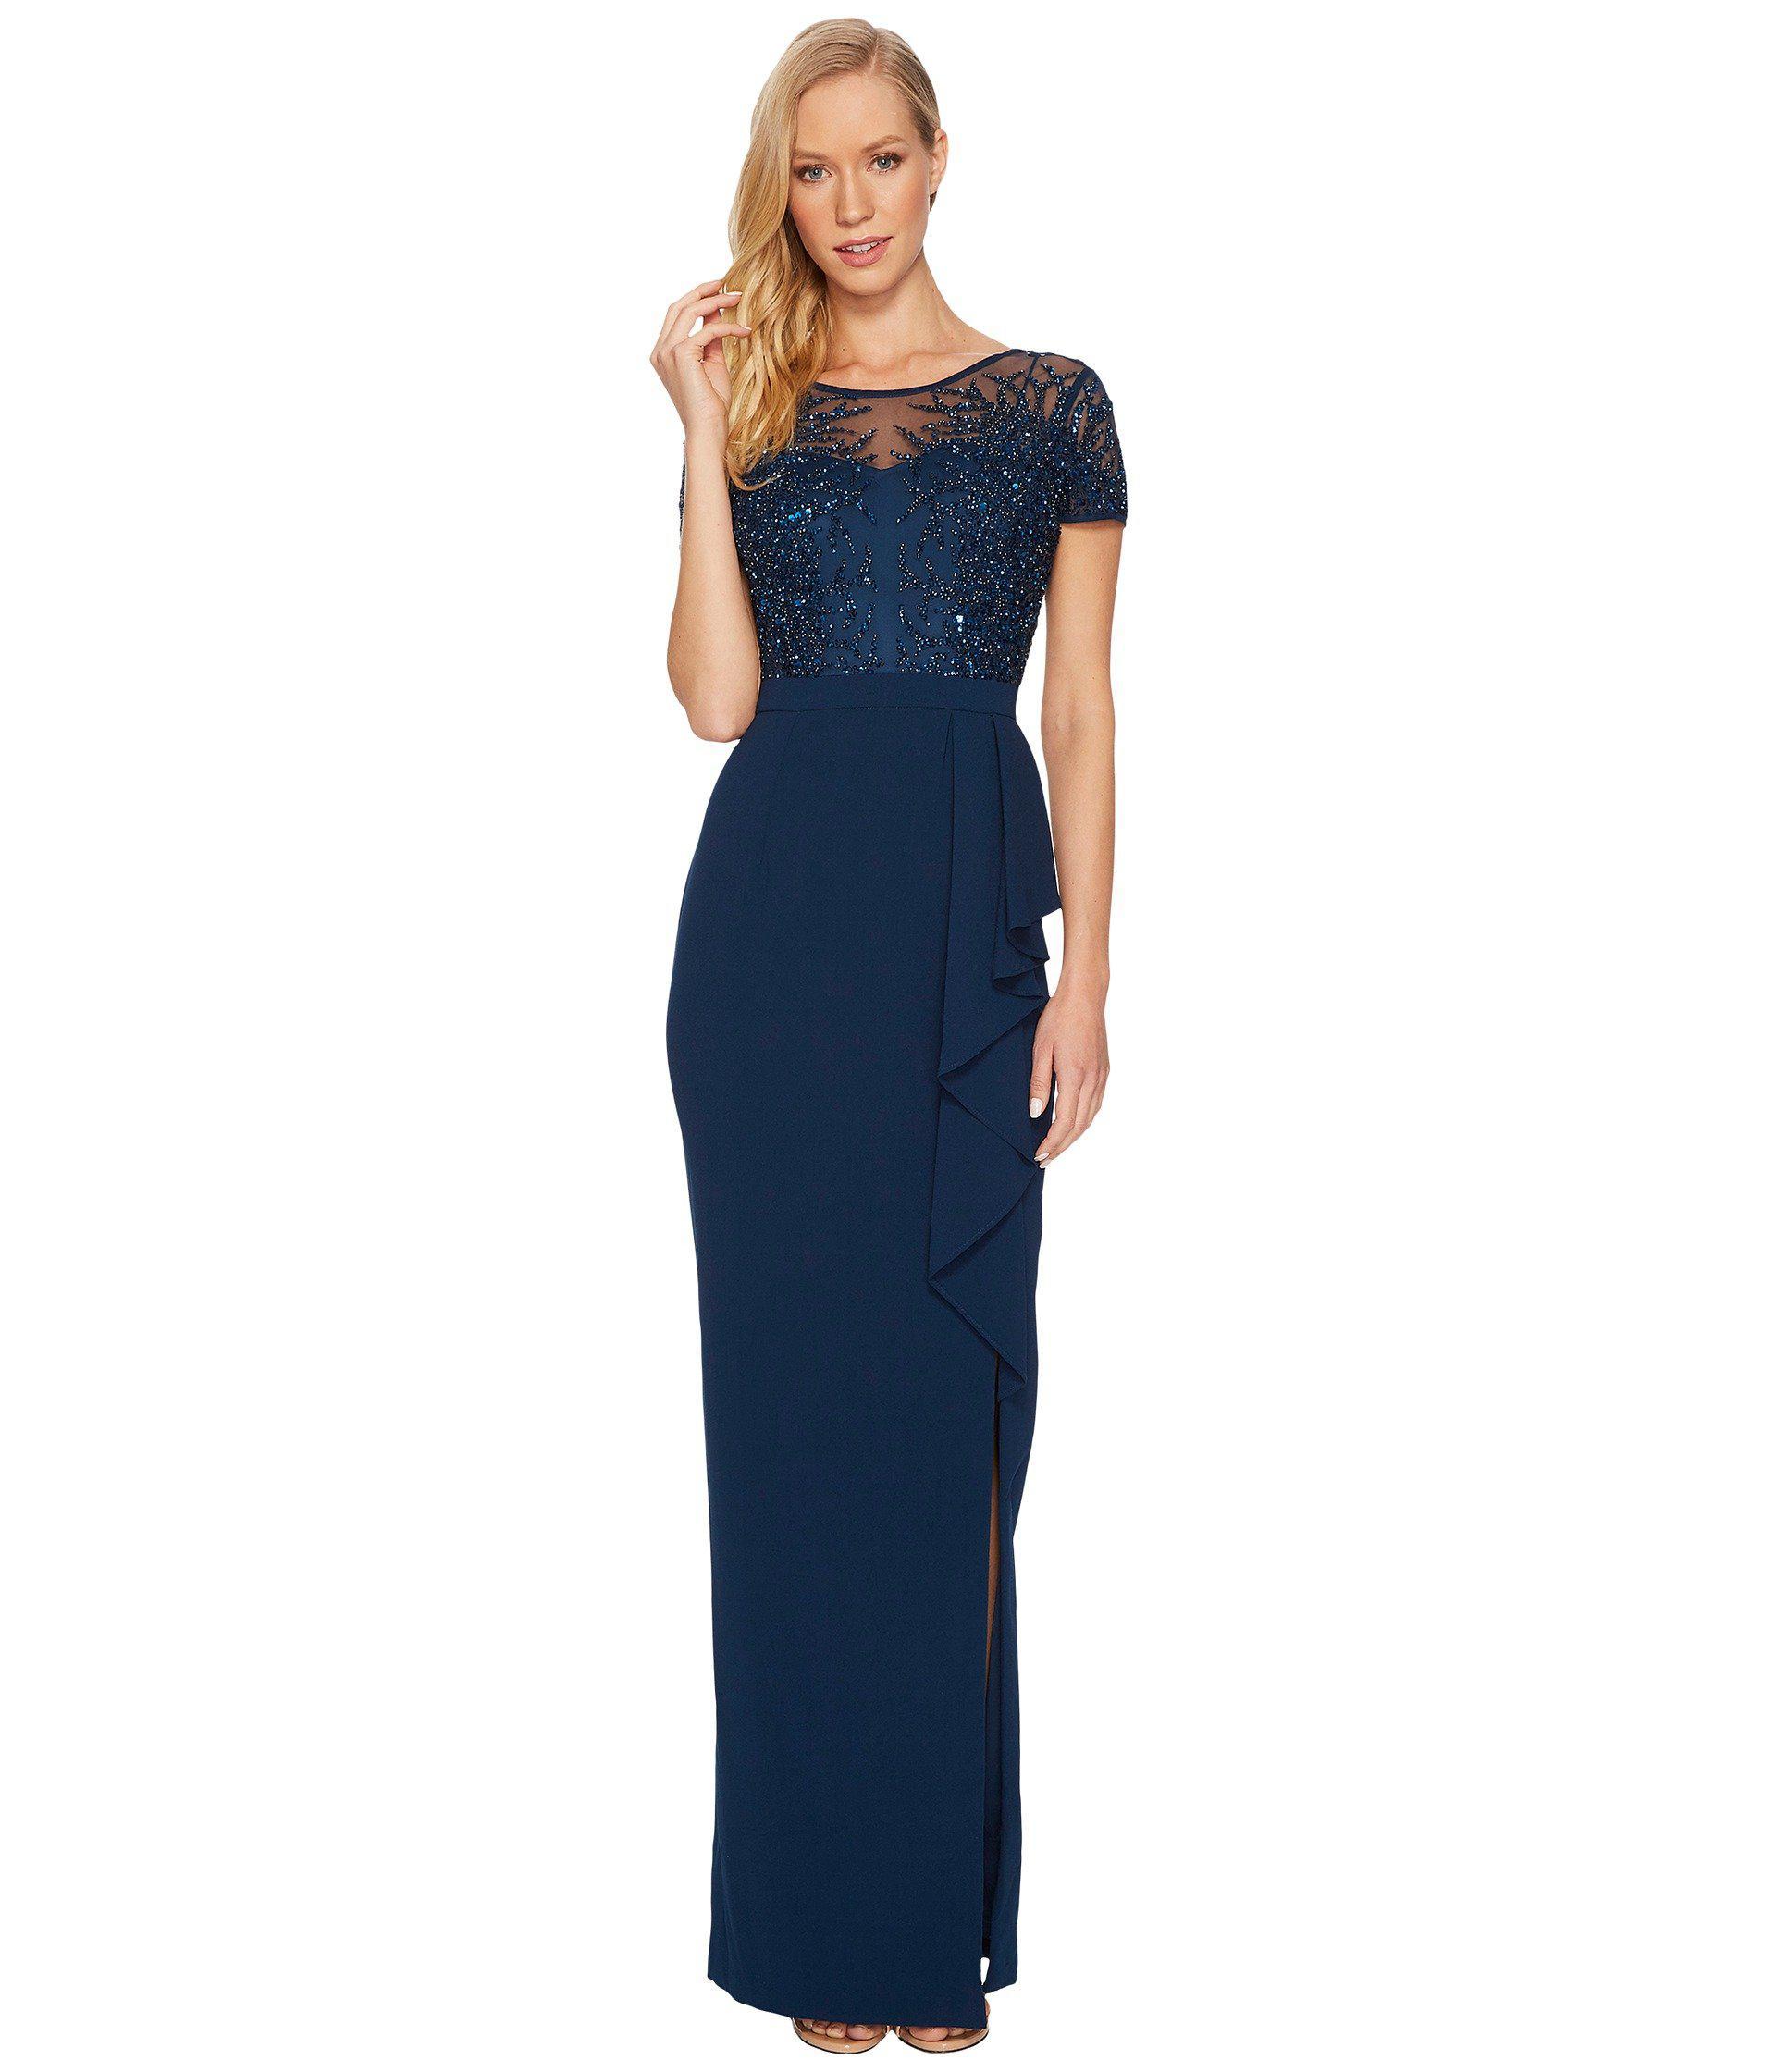 Beaded Blouson Gown With Sheer Details | Lauren Goss